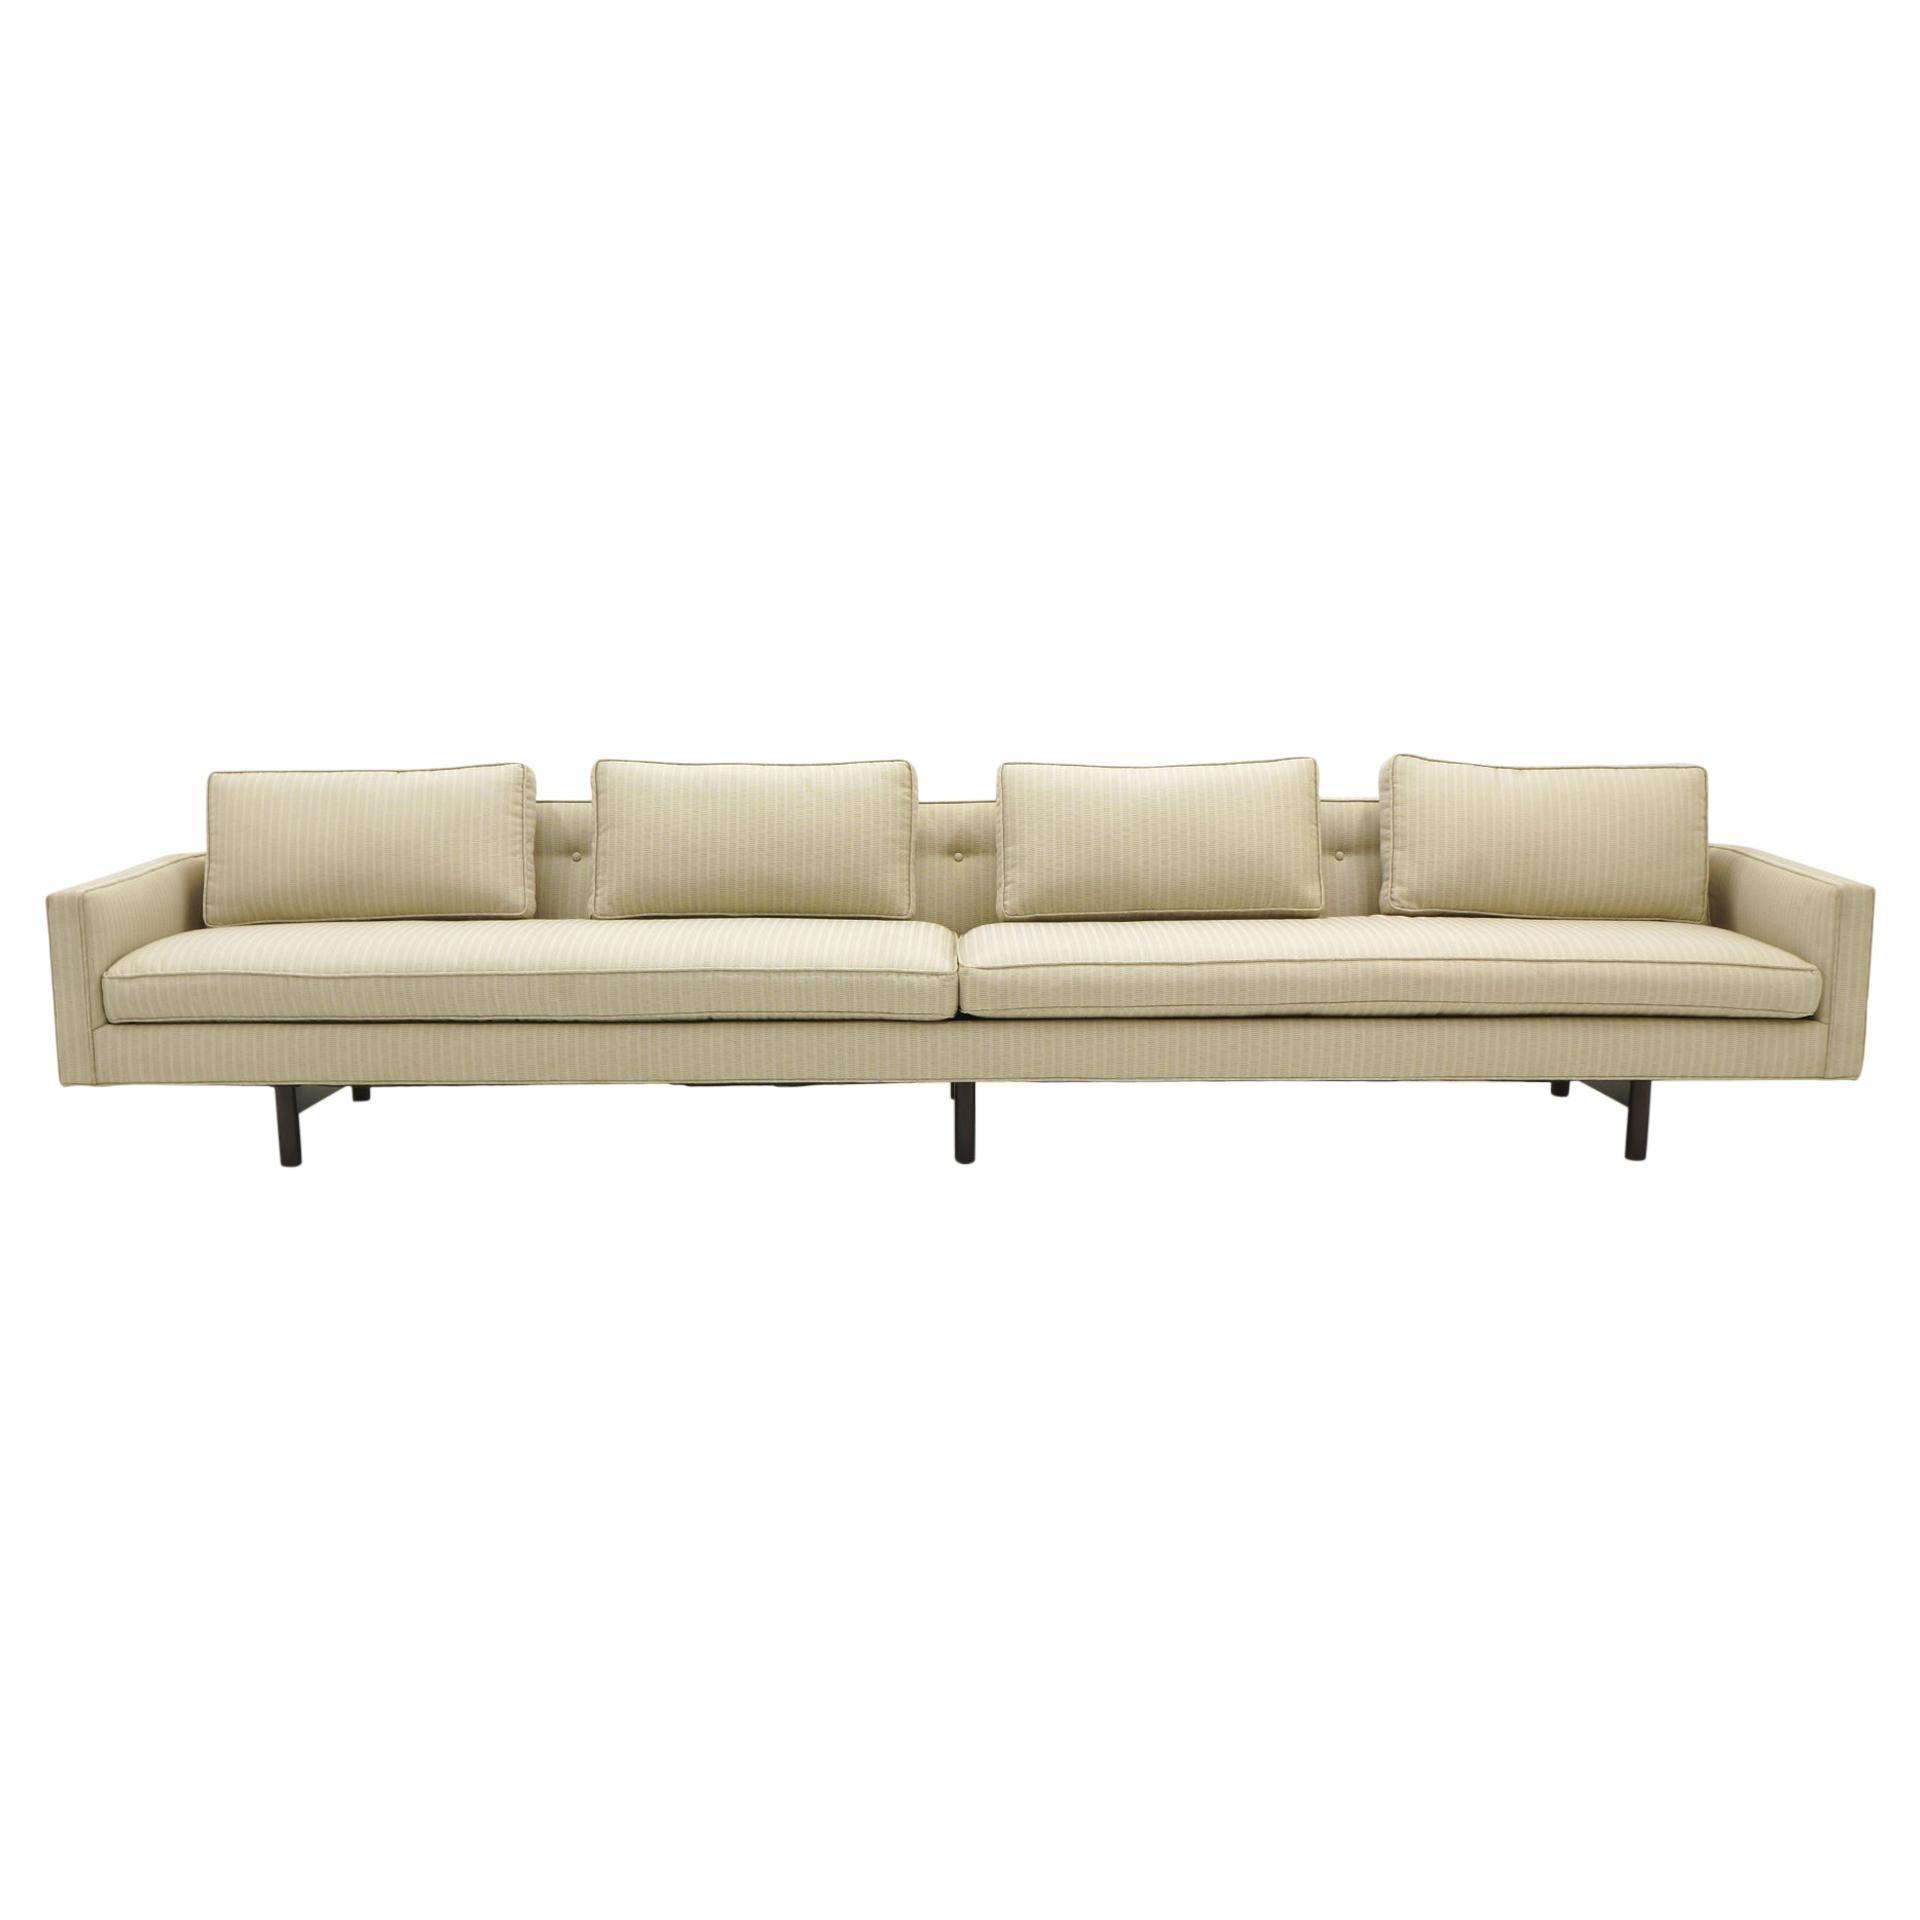 12 Foot Dunbar Sofa Designed by Edward Wormley